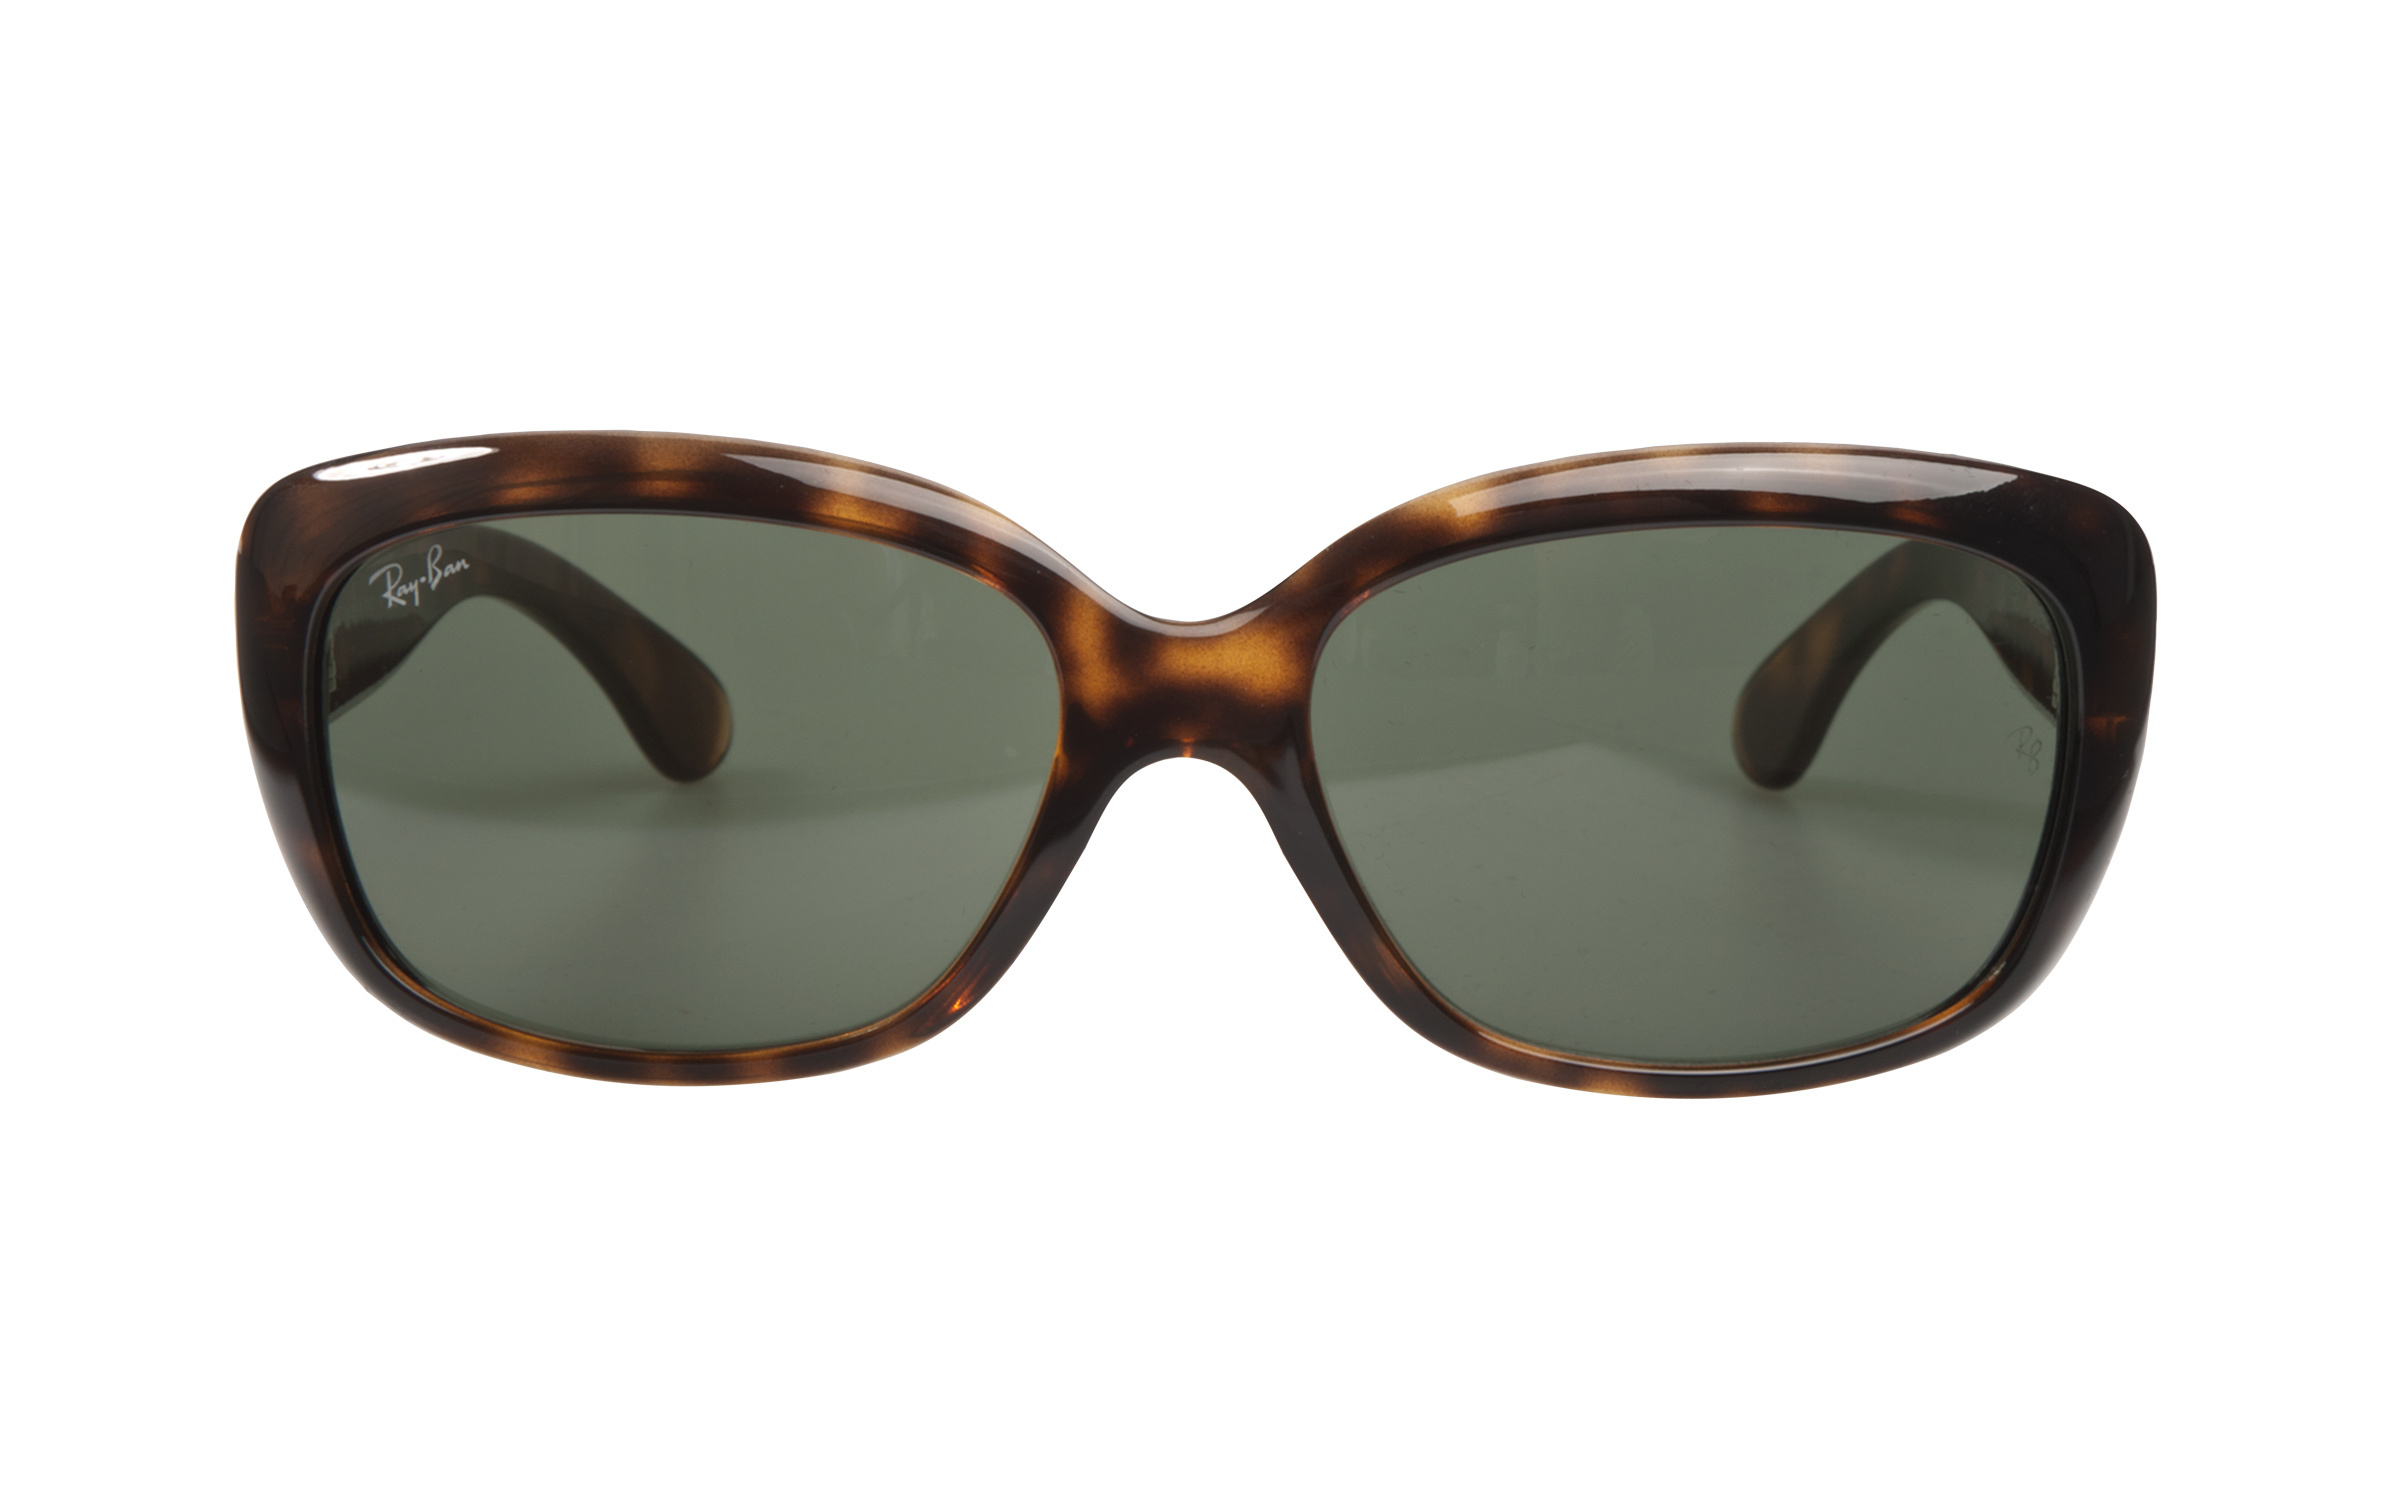 RayBan_Sunglasses_Vintage_Tortoise_Acetate_Online_Coastal